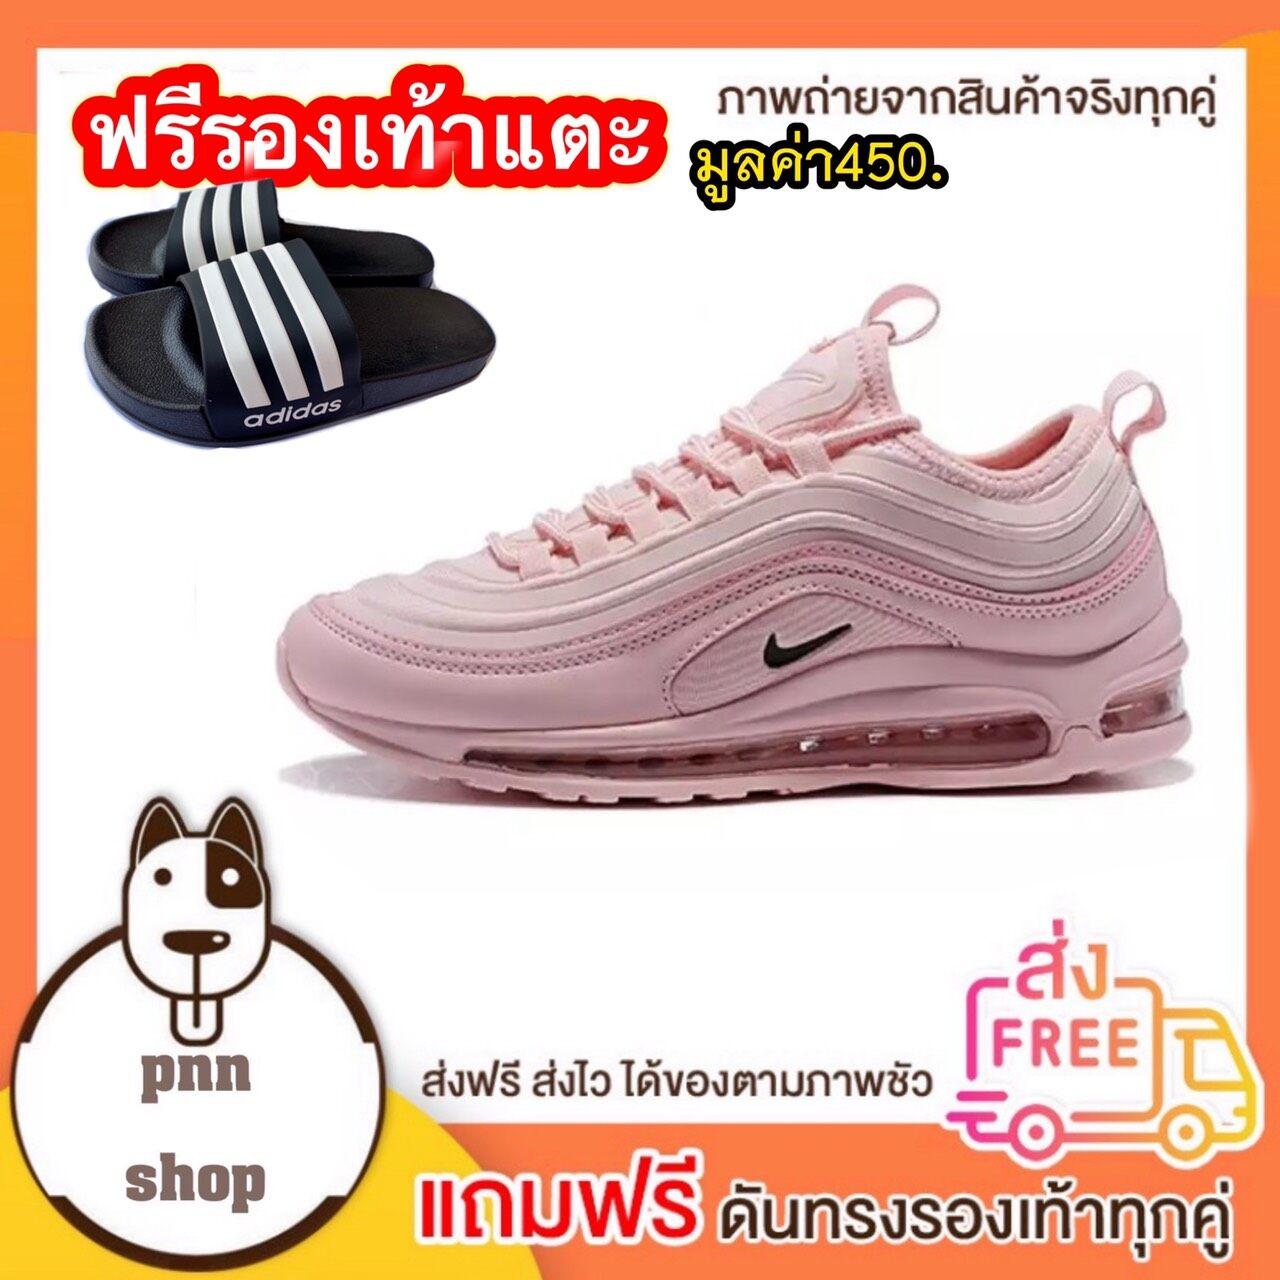 Nike Air Max 97 Ul 17 Se รองเท้าวิ่งสำหรับผู้หญิง.